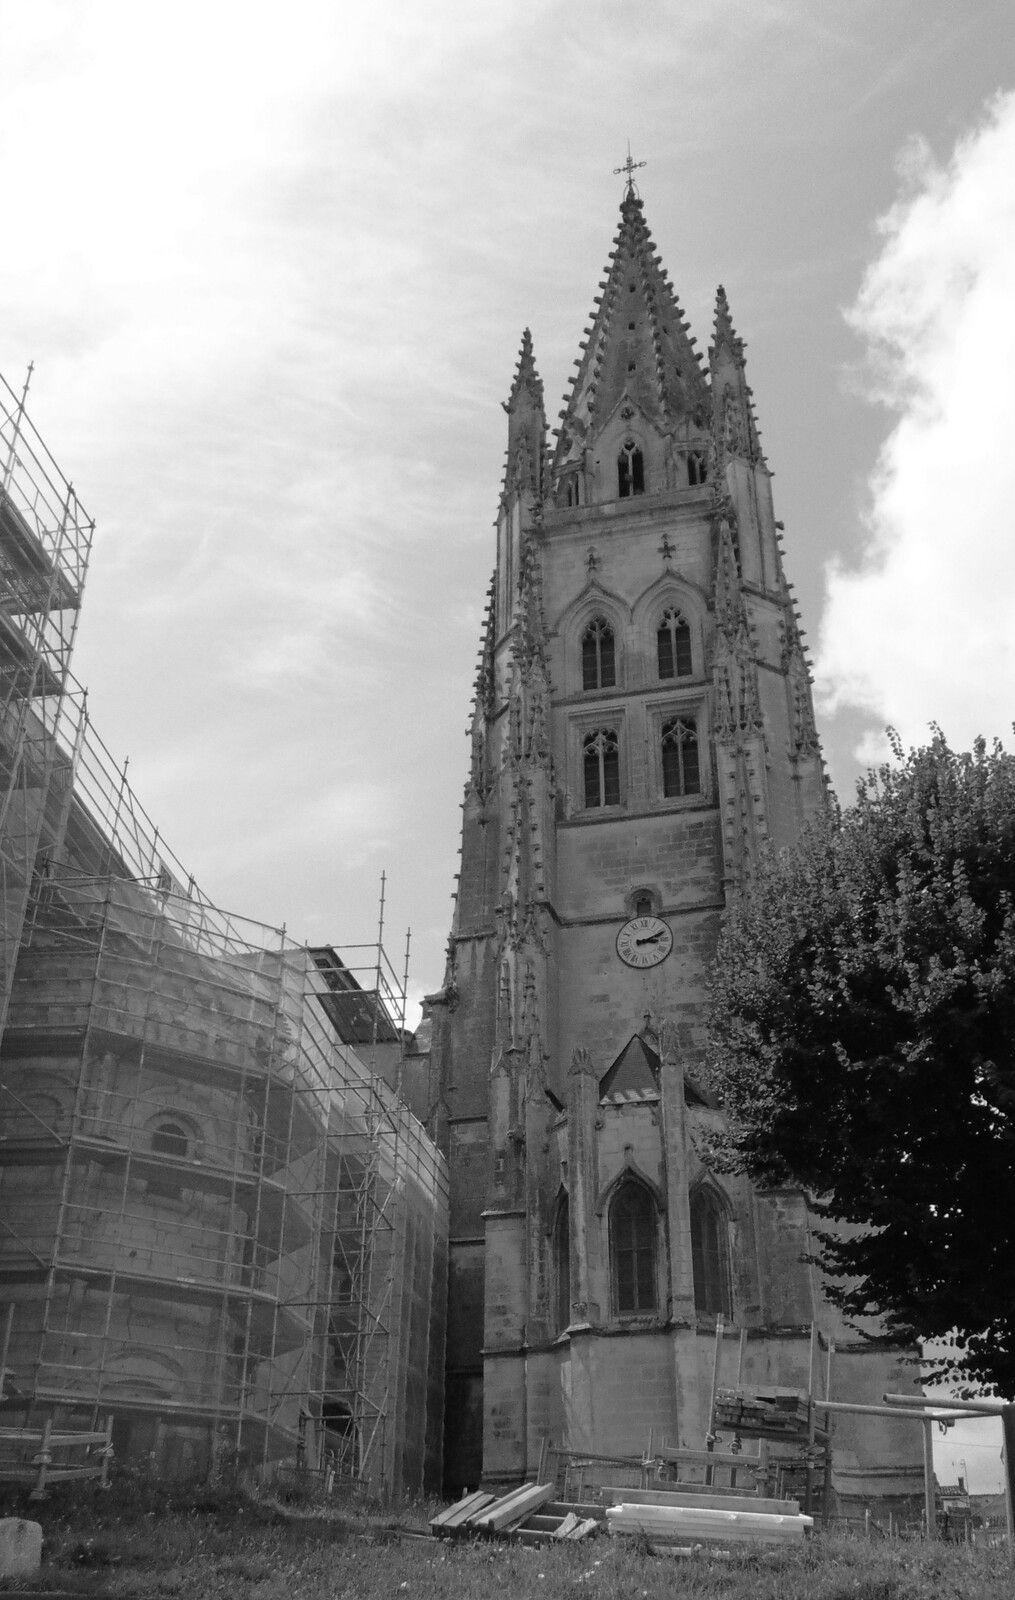 Et puis quand l'auteur de Culture-histoire était en investigations historiques, malheureusement parfois aux alentours de la terrible tempête de 1999 qui avait bien endomagé l'édifice religieux.